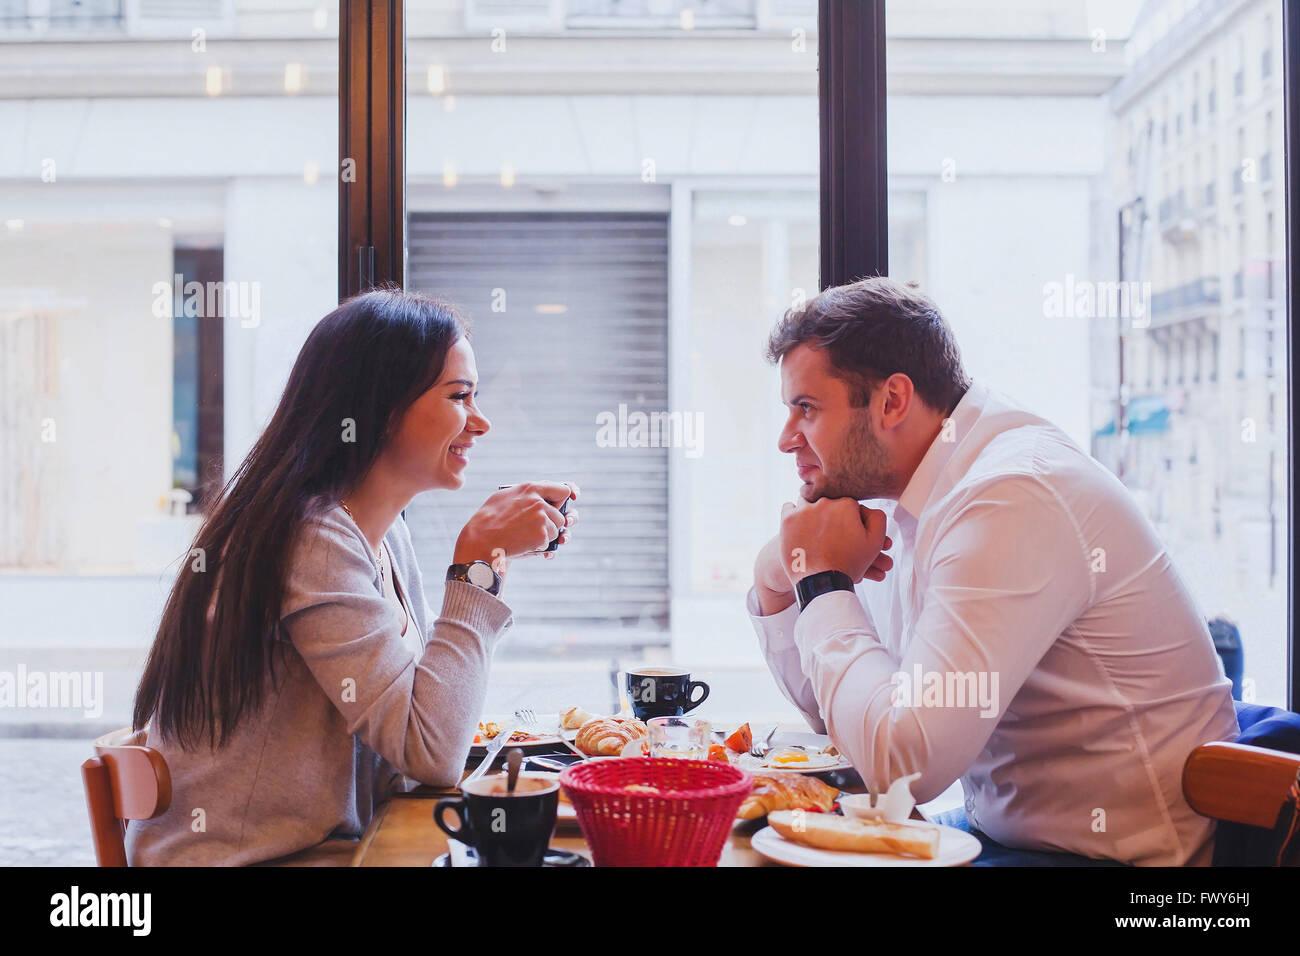 Mangiare nel ristorante, sorridenti giovane avente il pranzo al cafe, dating Immagini Stock